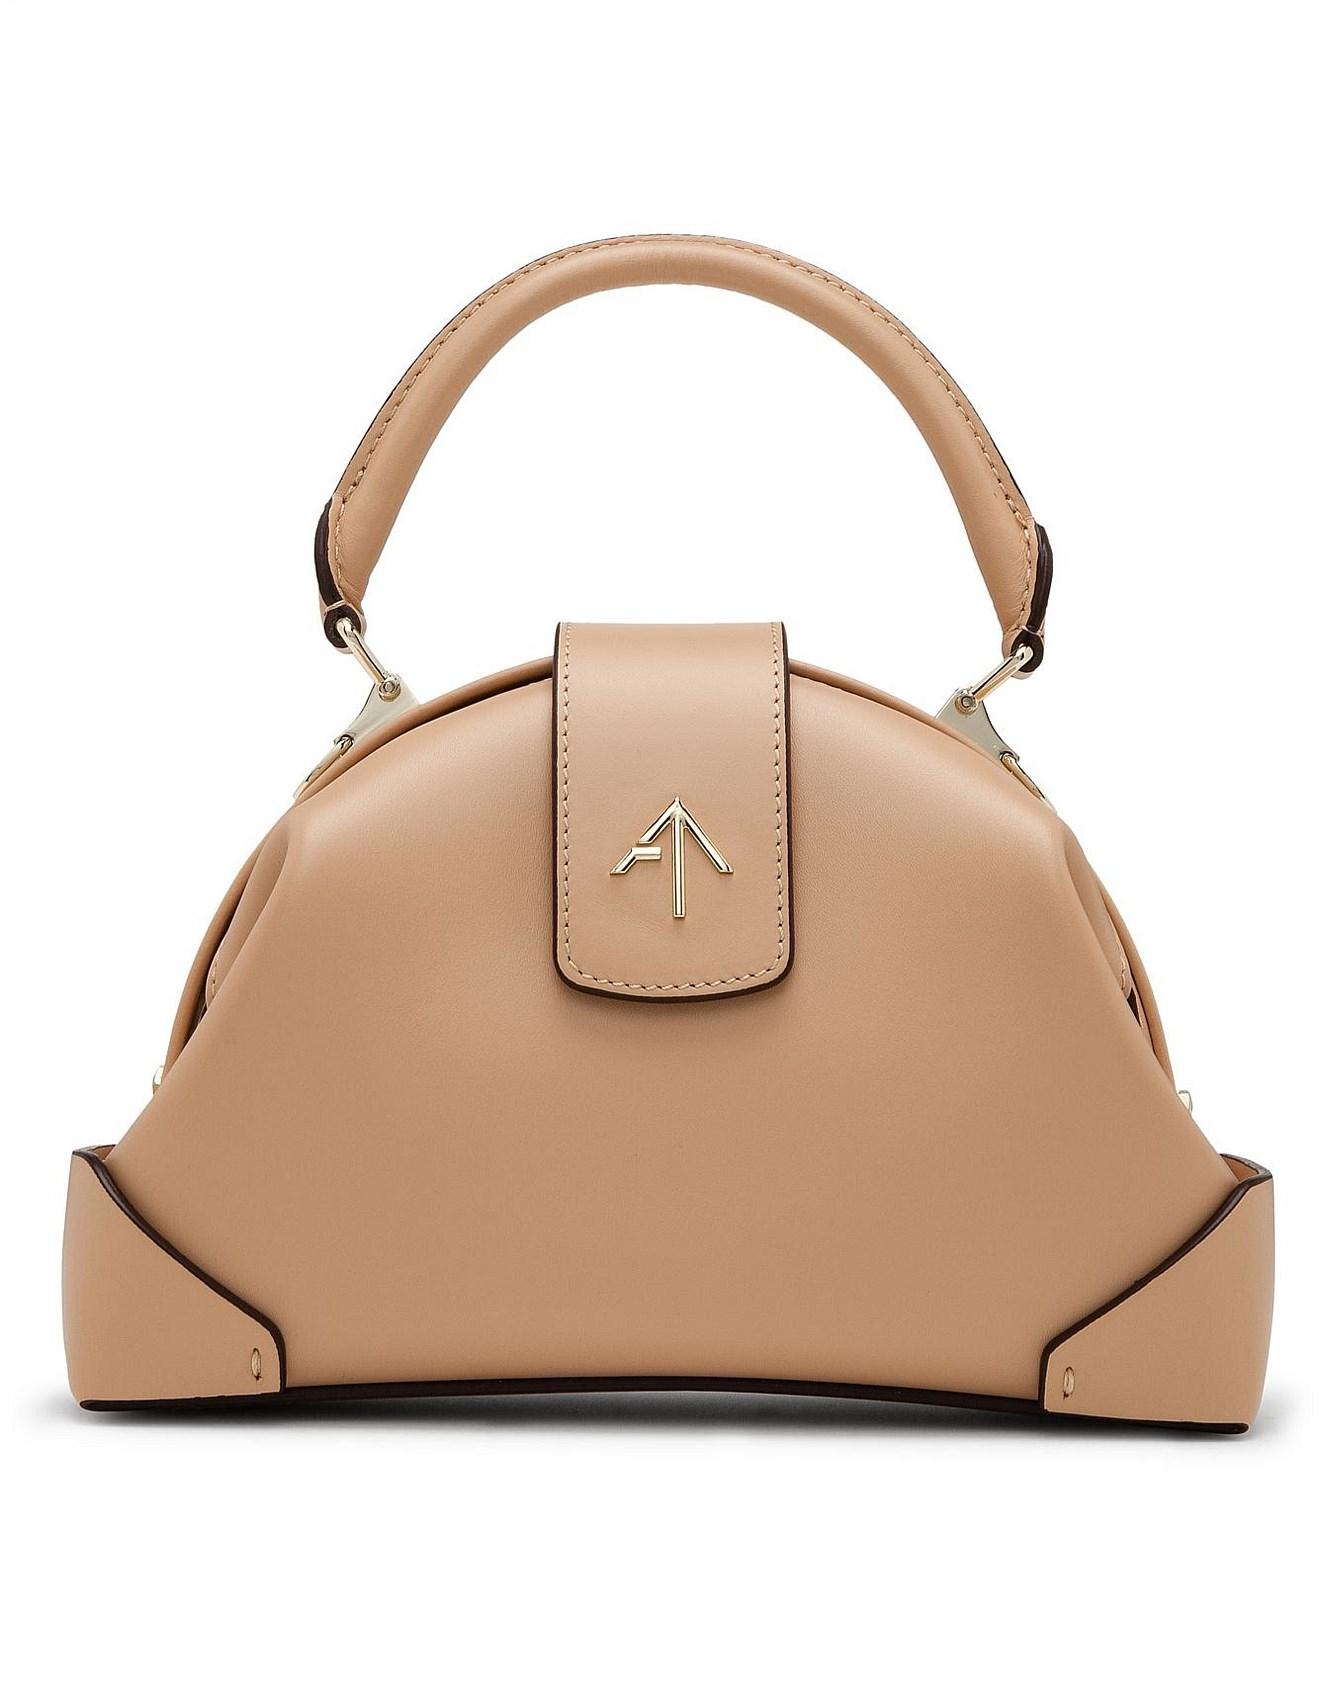 Designer Handbags For Women  27cd9c0d05bbb